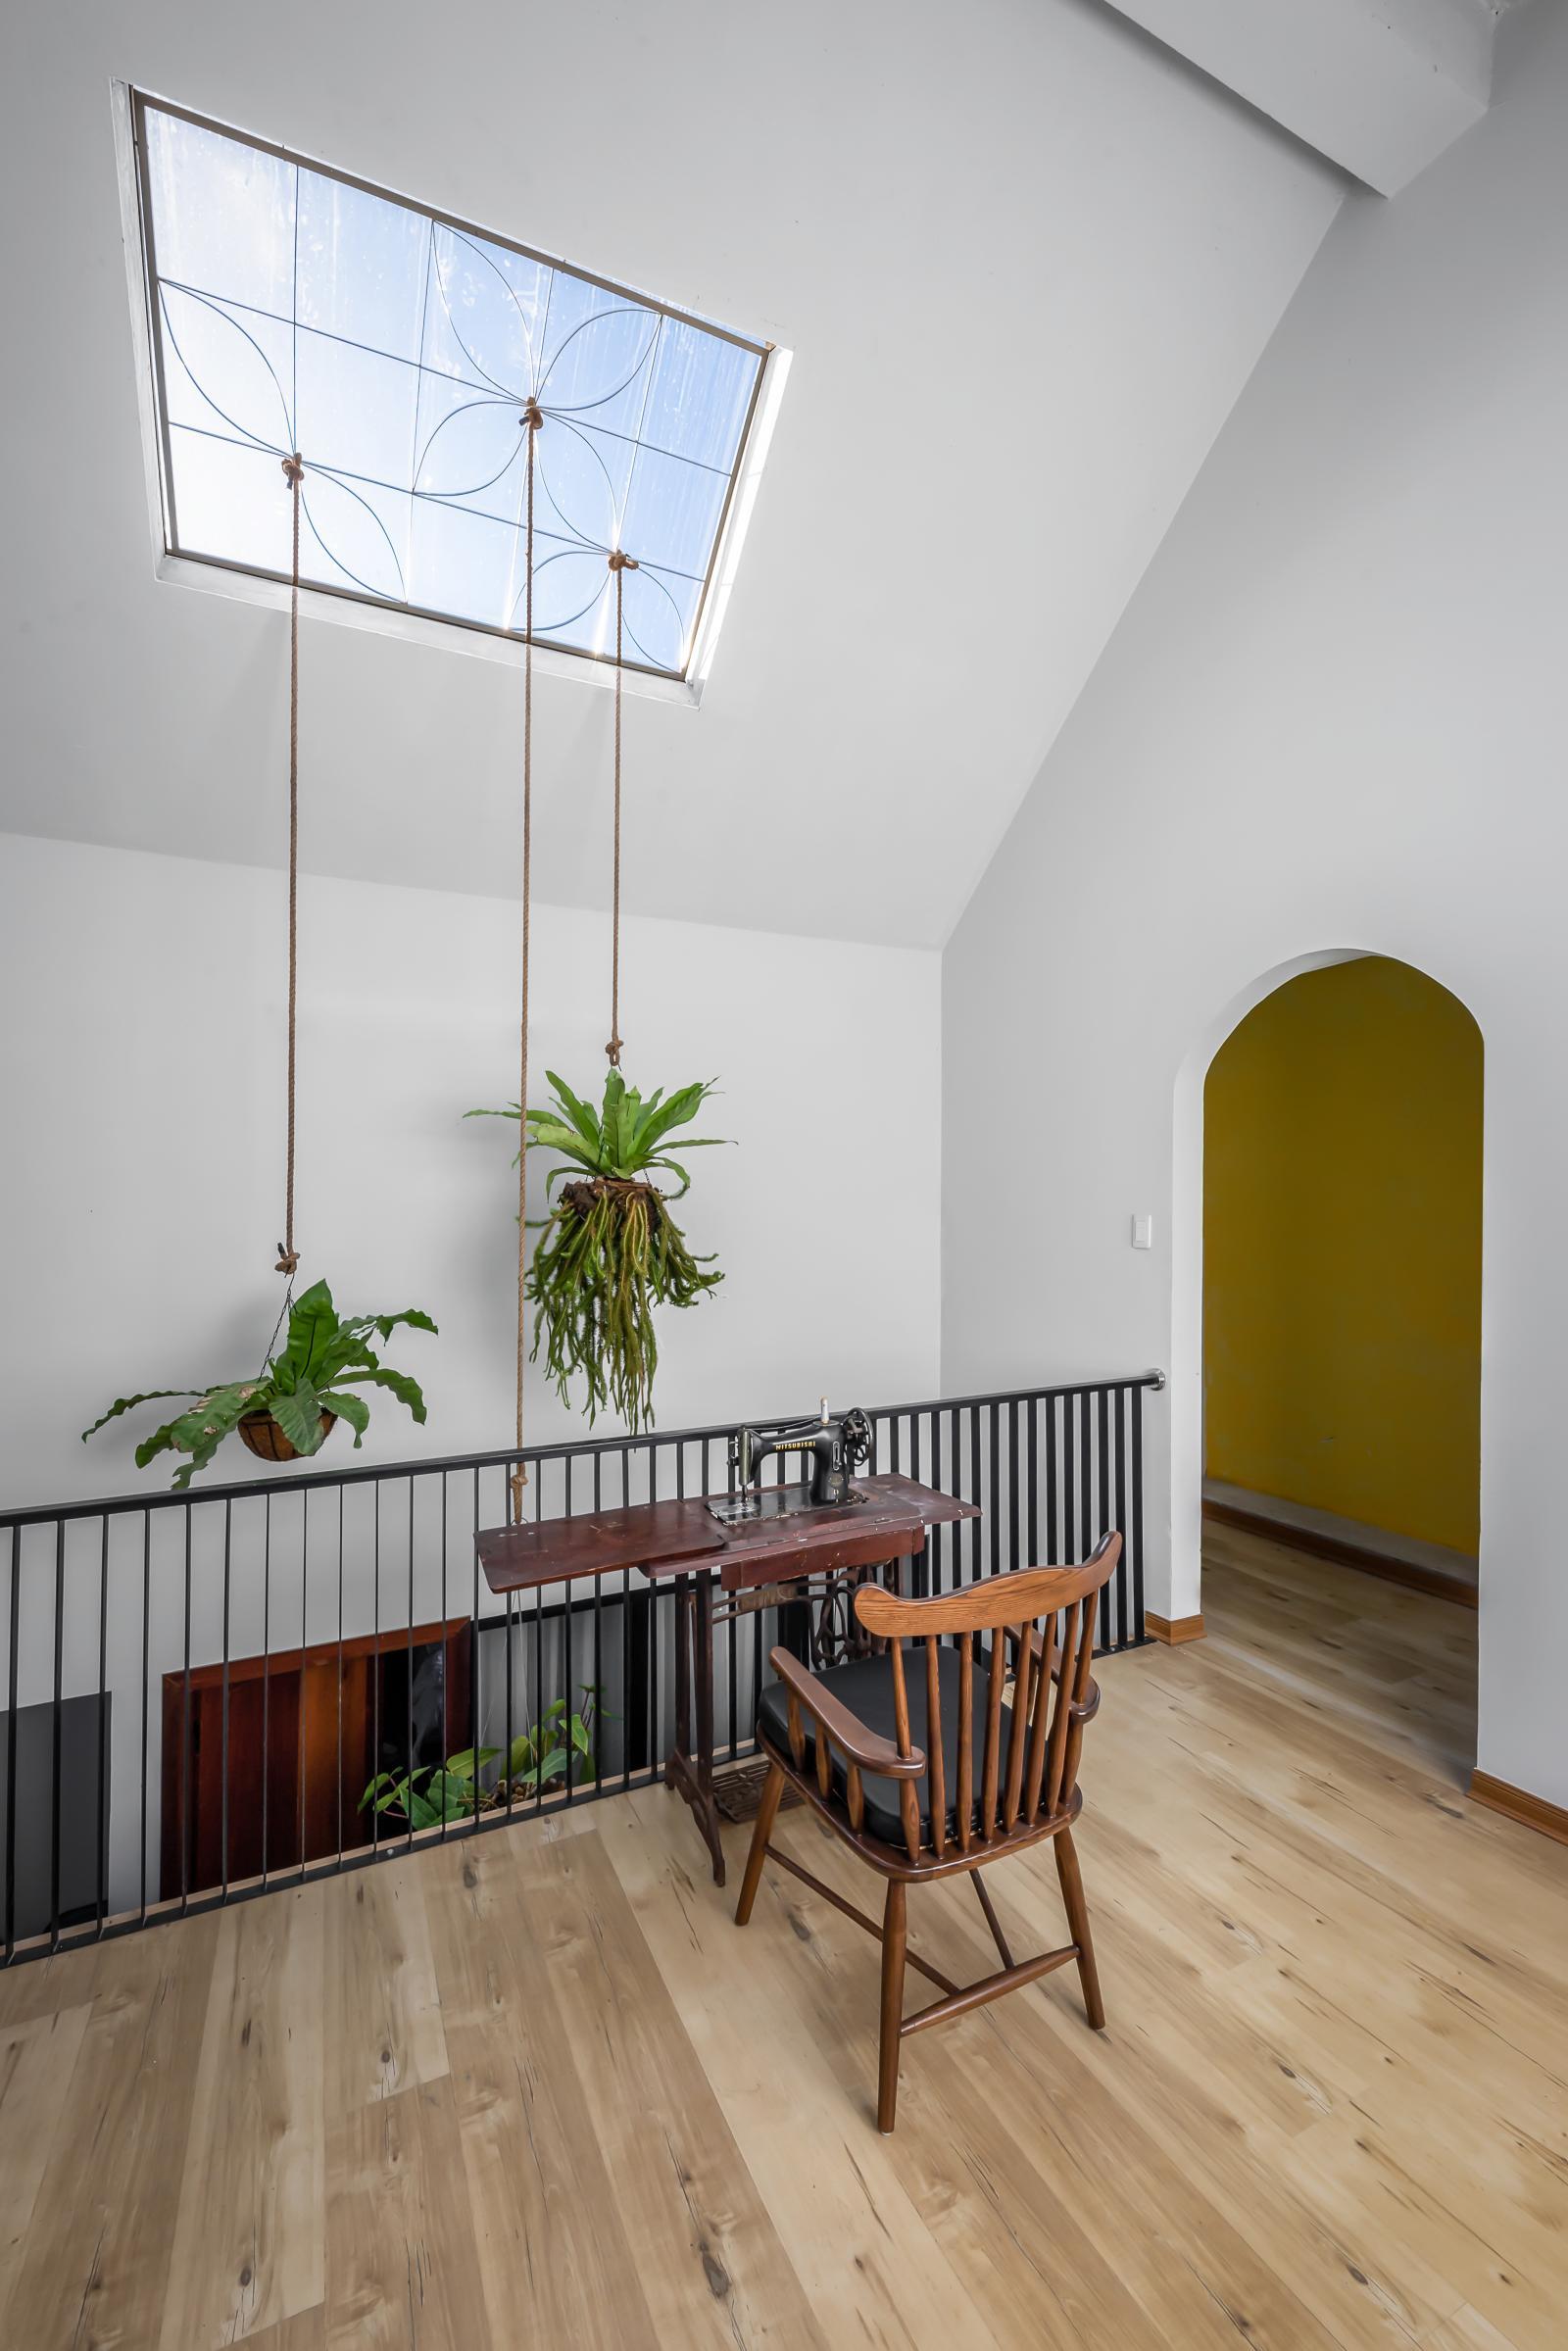 Kiến trúc sư tận dụng linh hoạt cốt cao độ ở các tầng để thiết kế gác xép làm nơi thư giãn